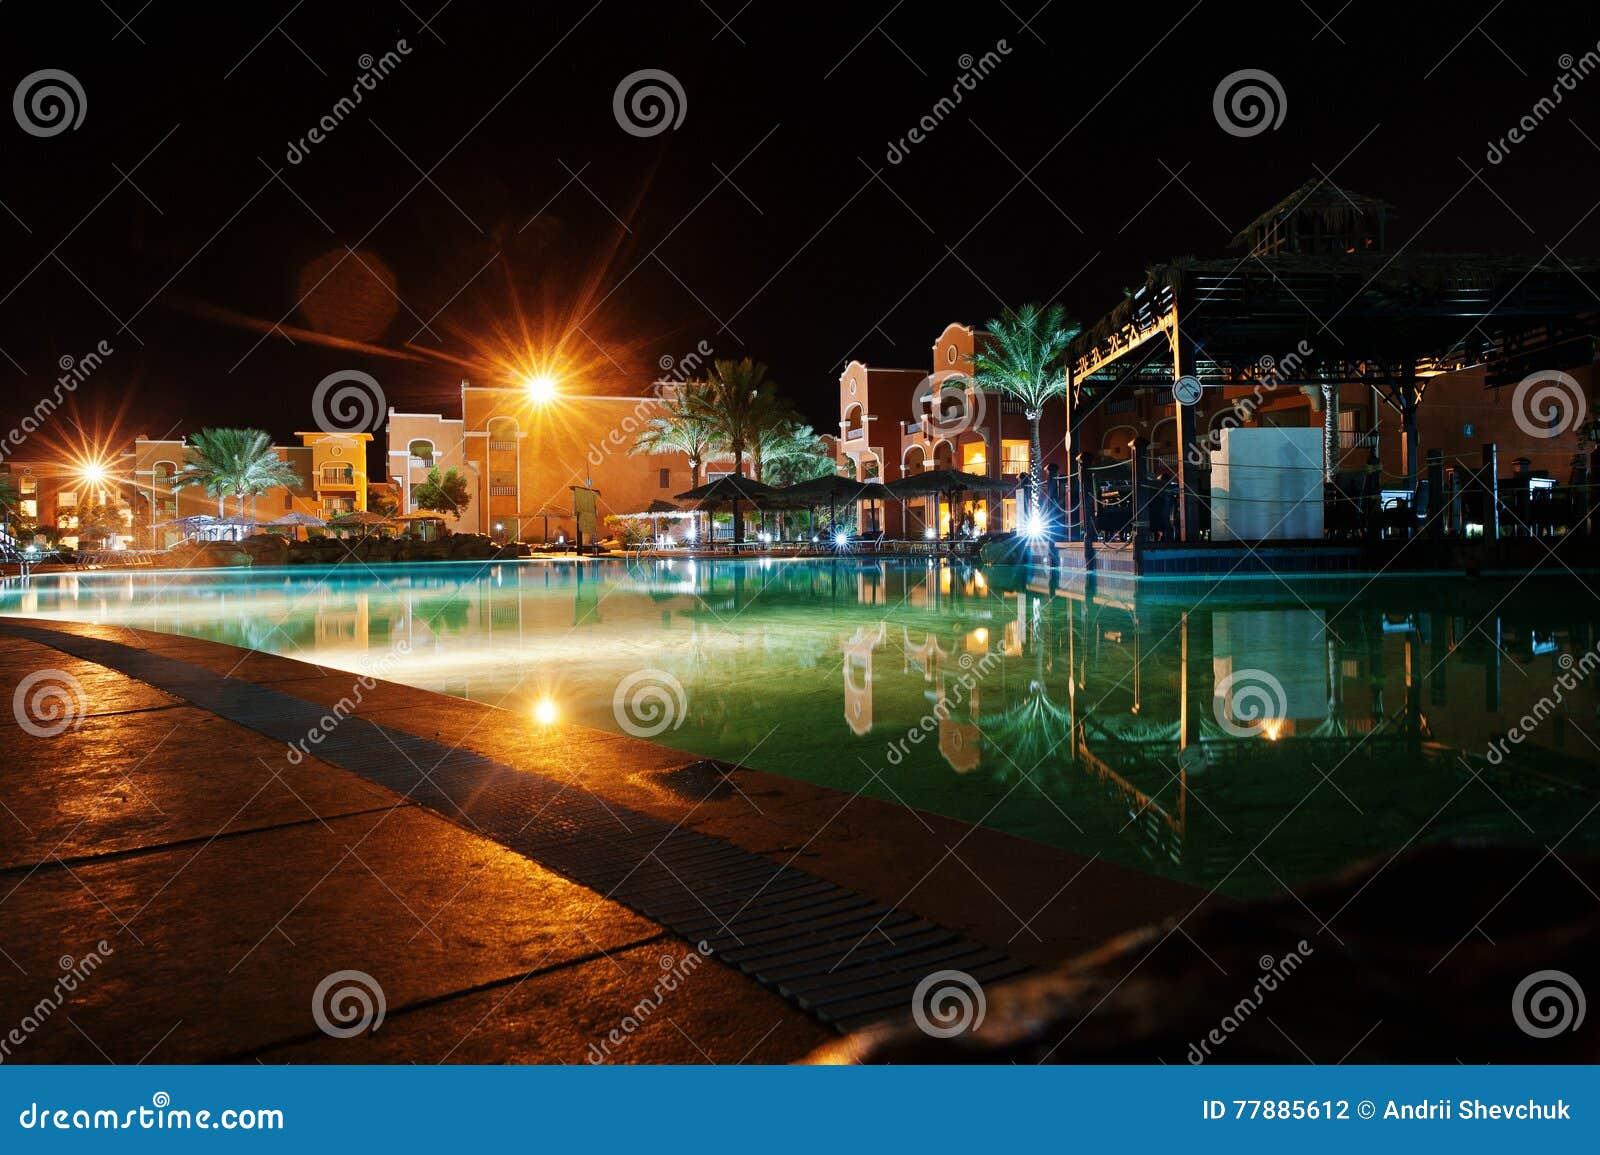 Piscina De Un Centro Turístico Del Caribe Tropical De Lujo En La Noche Foto de archivo